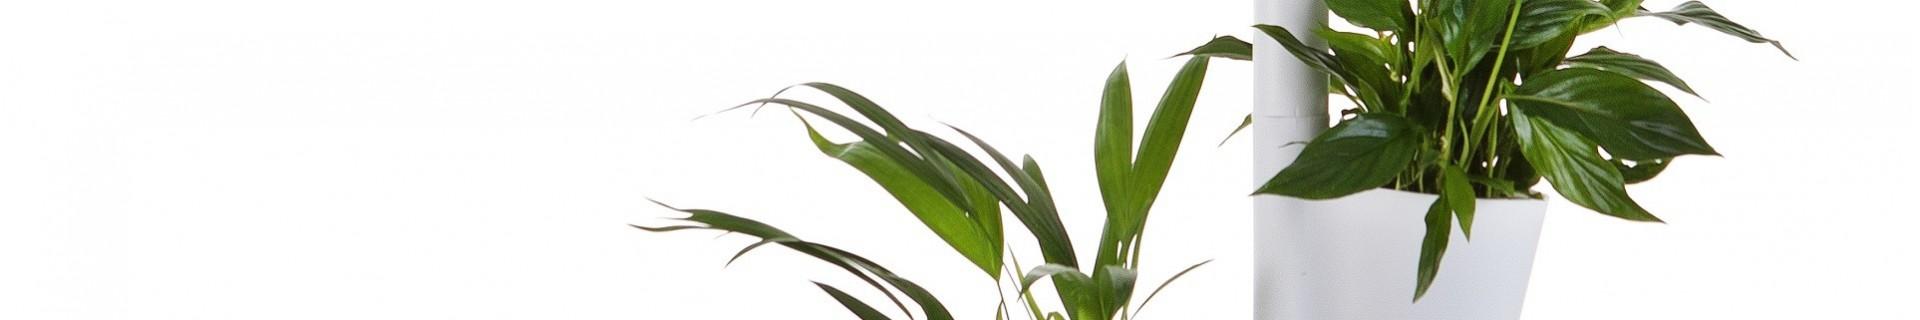 automatische Bewässerung Zimmerpflanzen mit Blumentopf